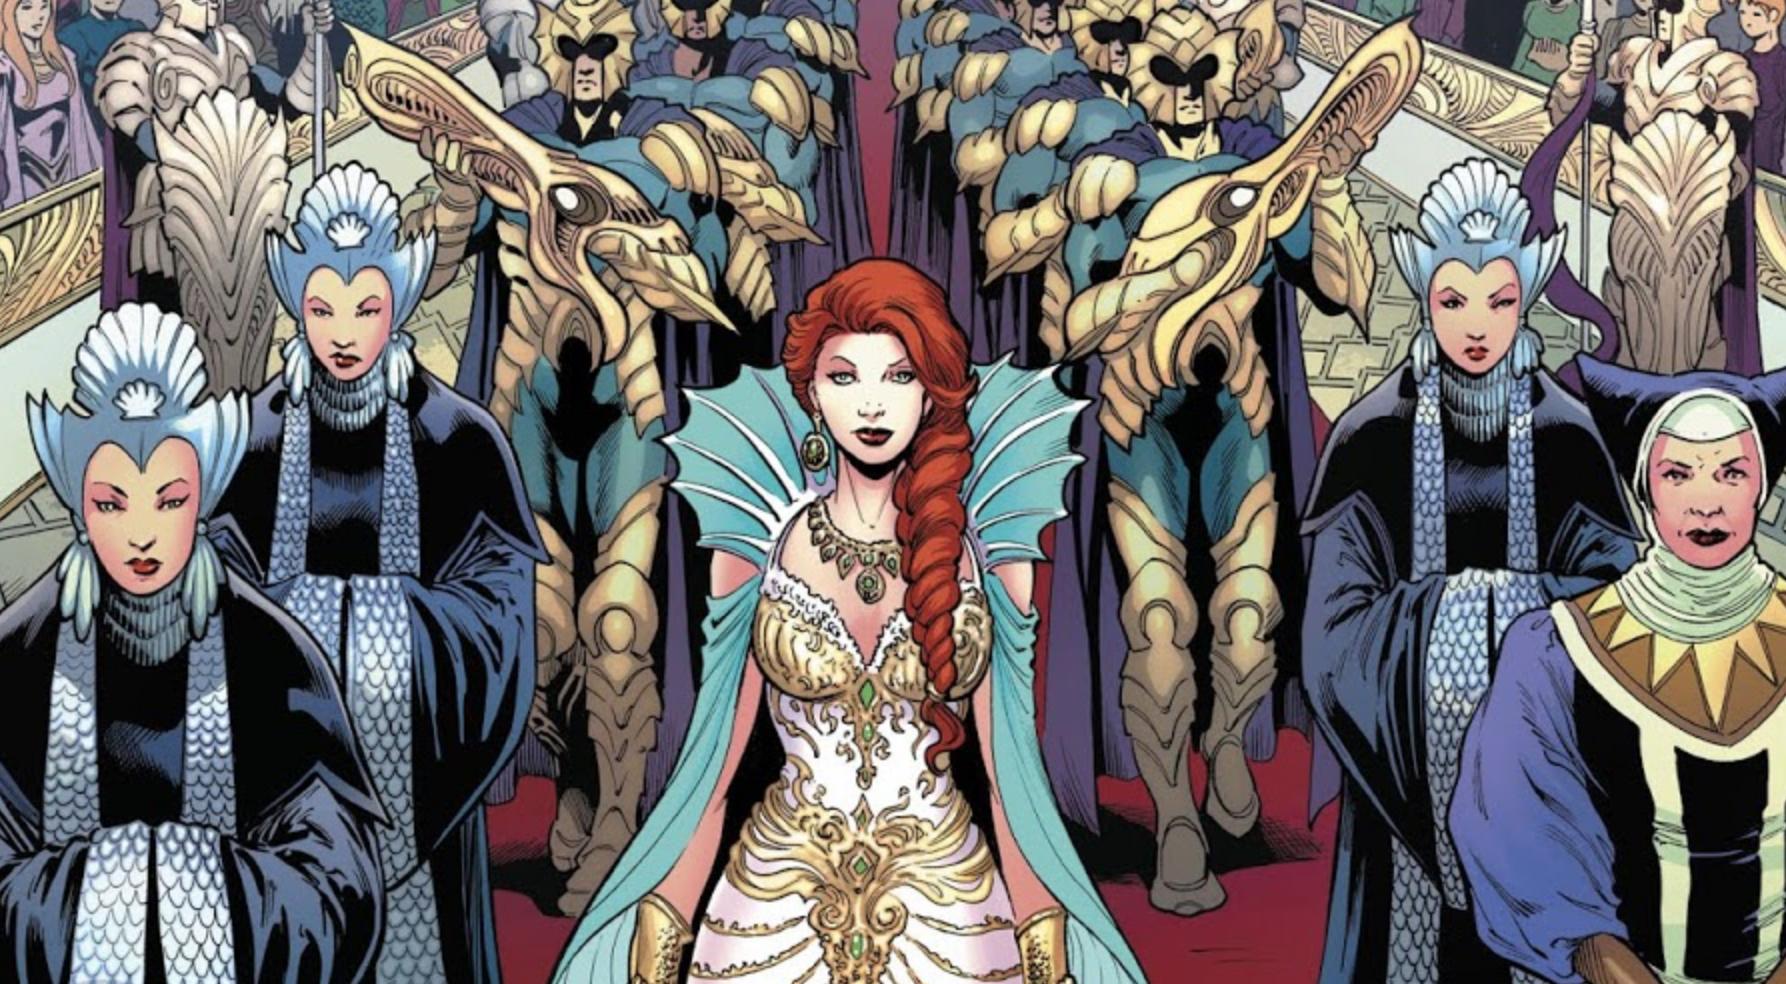 {LIBRE}All Hail Mera, Queen Of Atlantis ! Mera-Becomes-Queen-Of-Atlantis